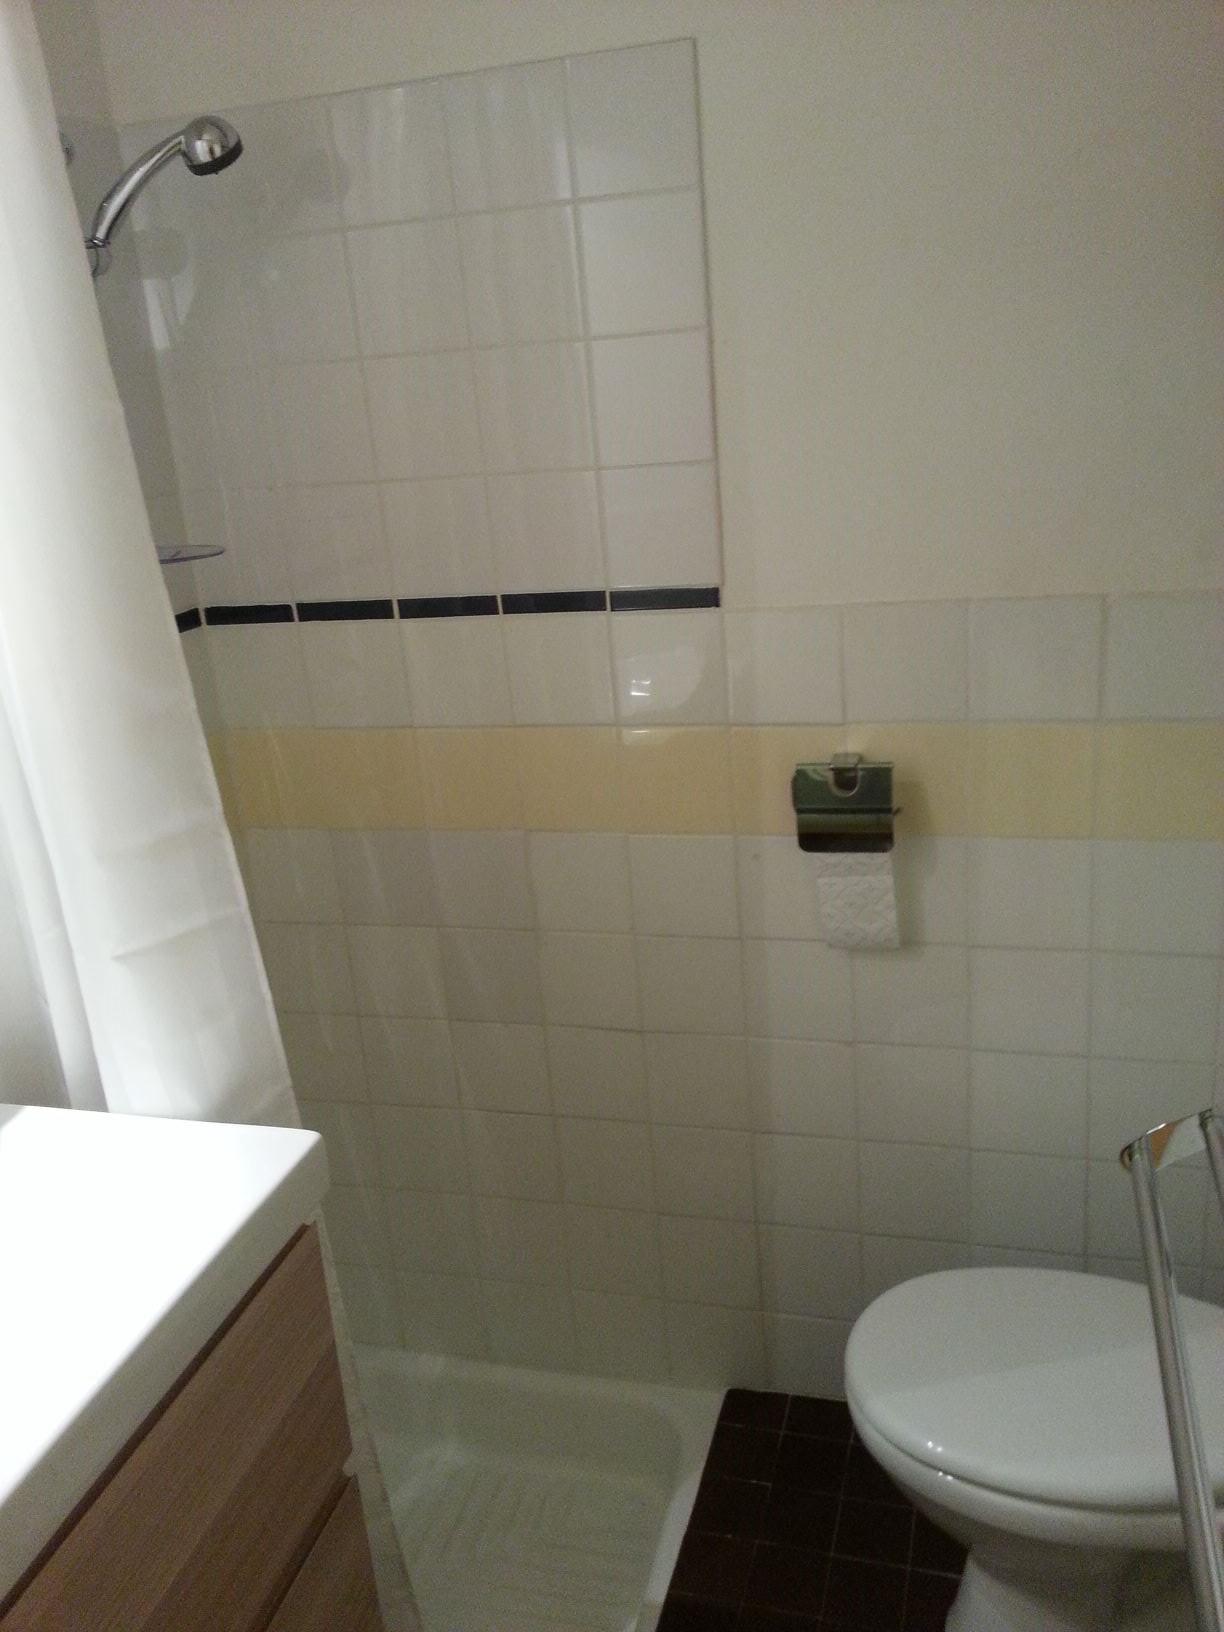 photos-modifiee-salle-de-bain-1106725